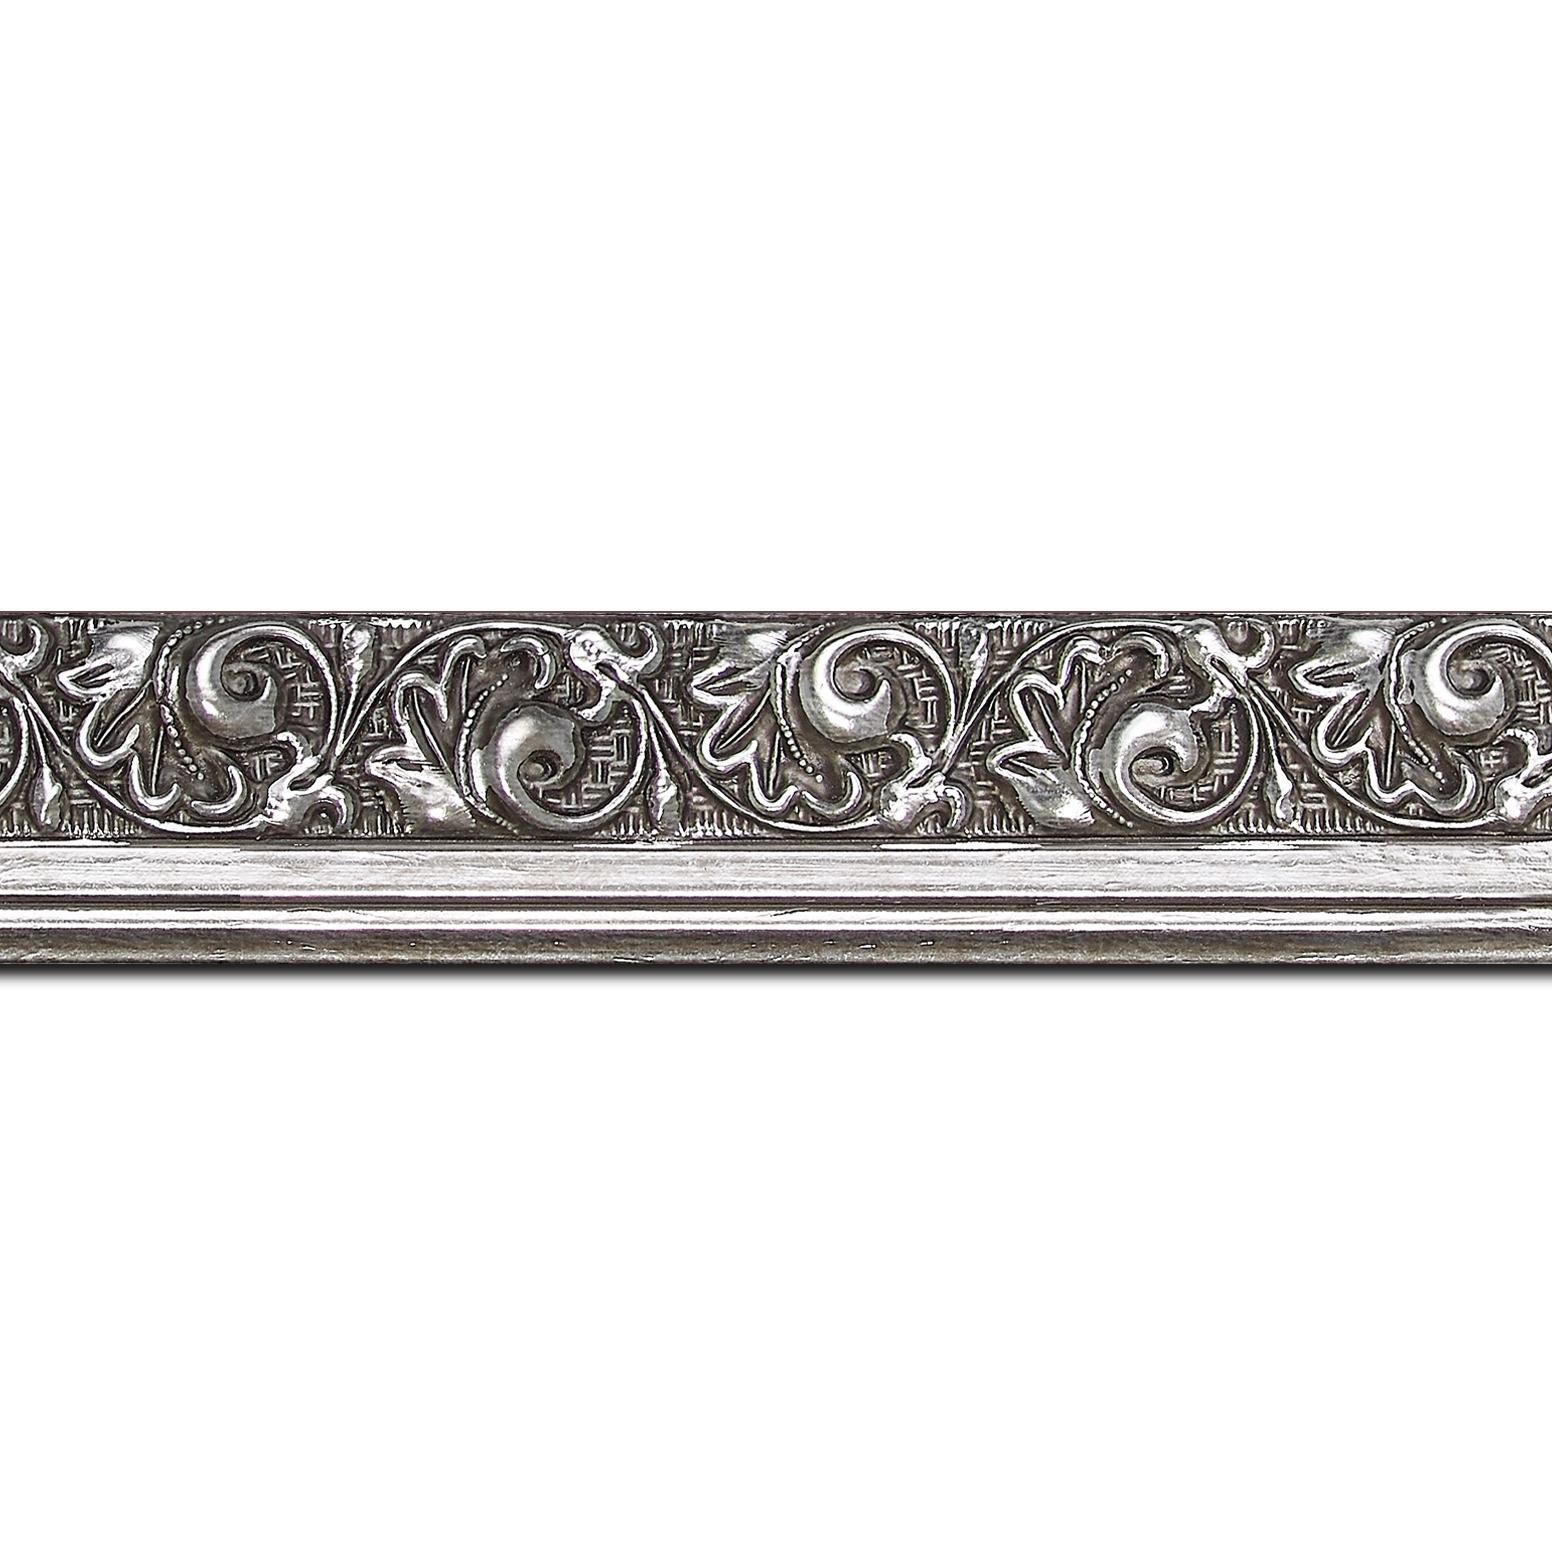 Baguette longueur 1.40m bois profil plat largeur 3.5cm argent froid antique satiné décor frise